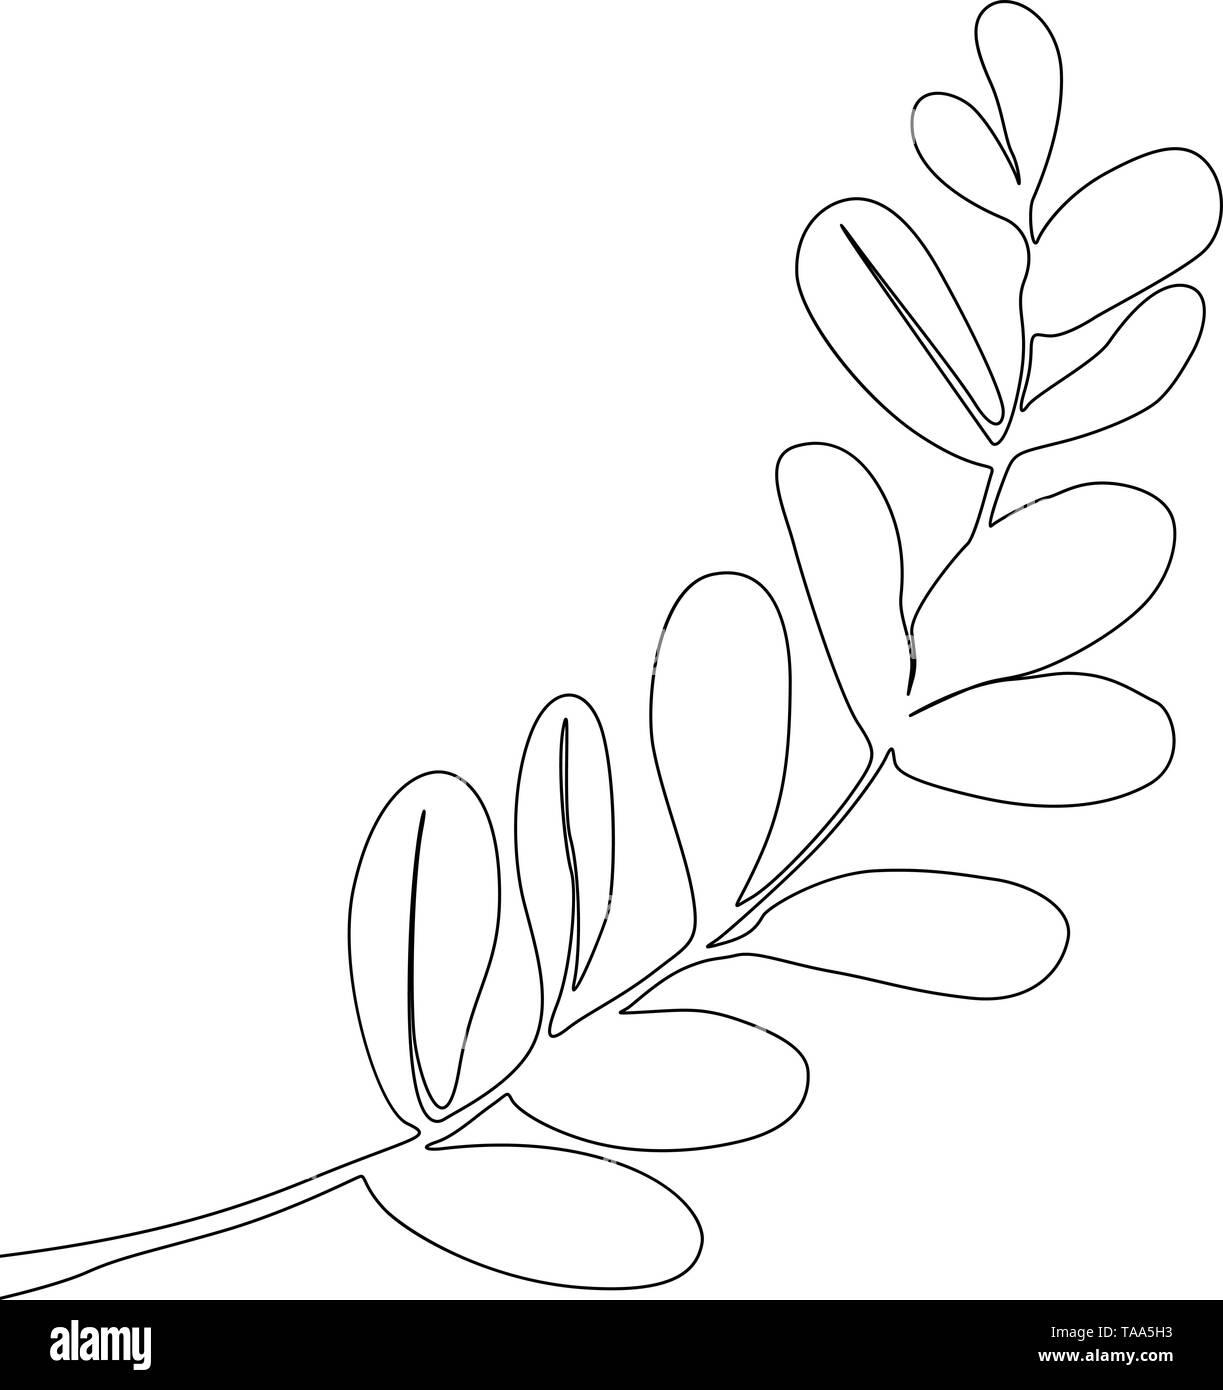 Eine Strichzeichnung tropischen Zweig. Durchgehende Linie exotische Pflanze. Stockbild